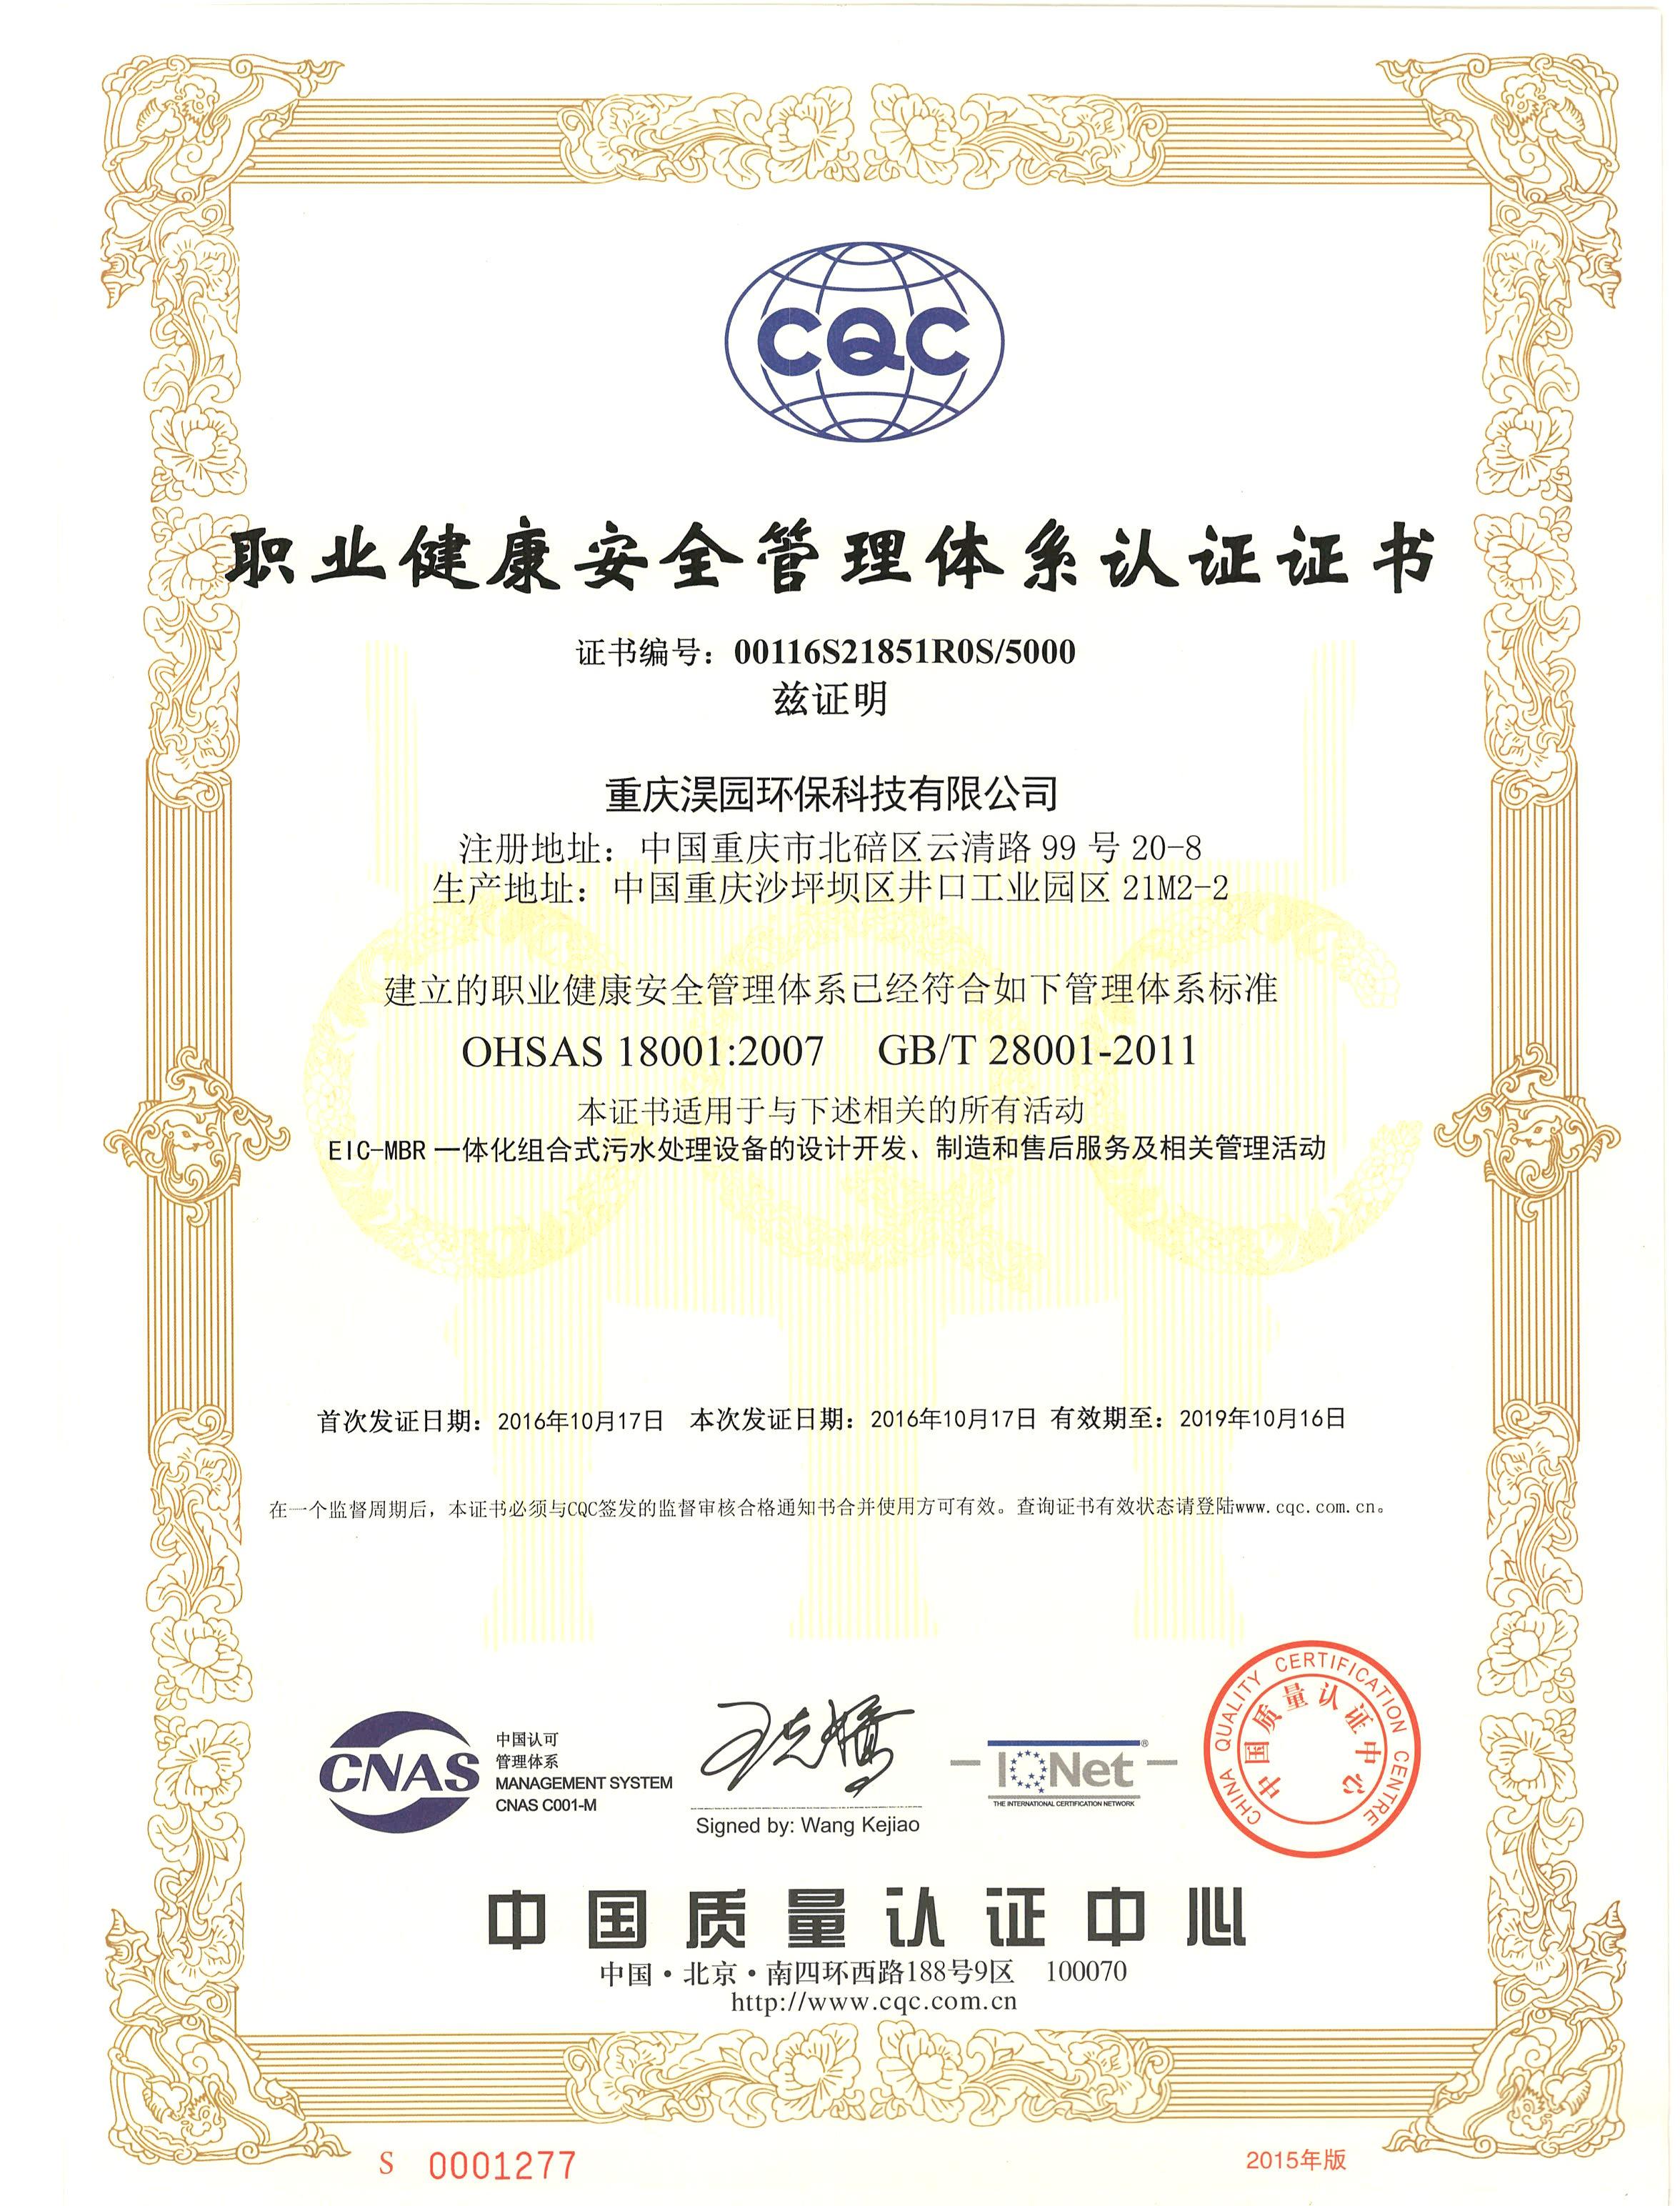 职业健康安全管理体系认证证书 .jpg